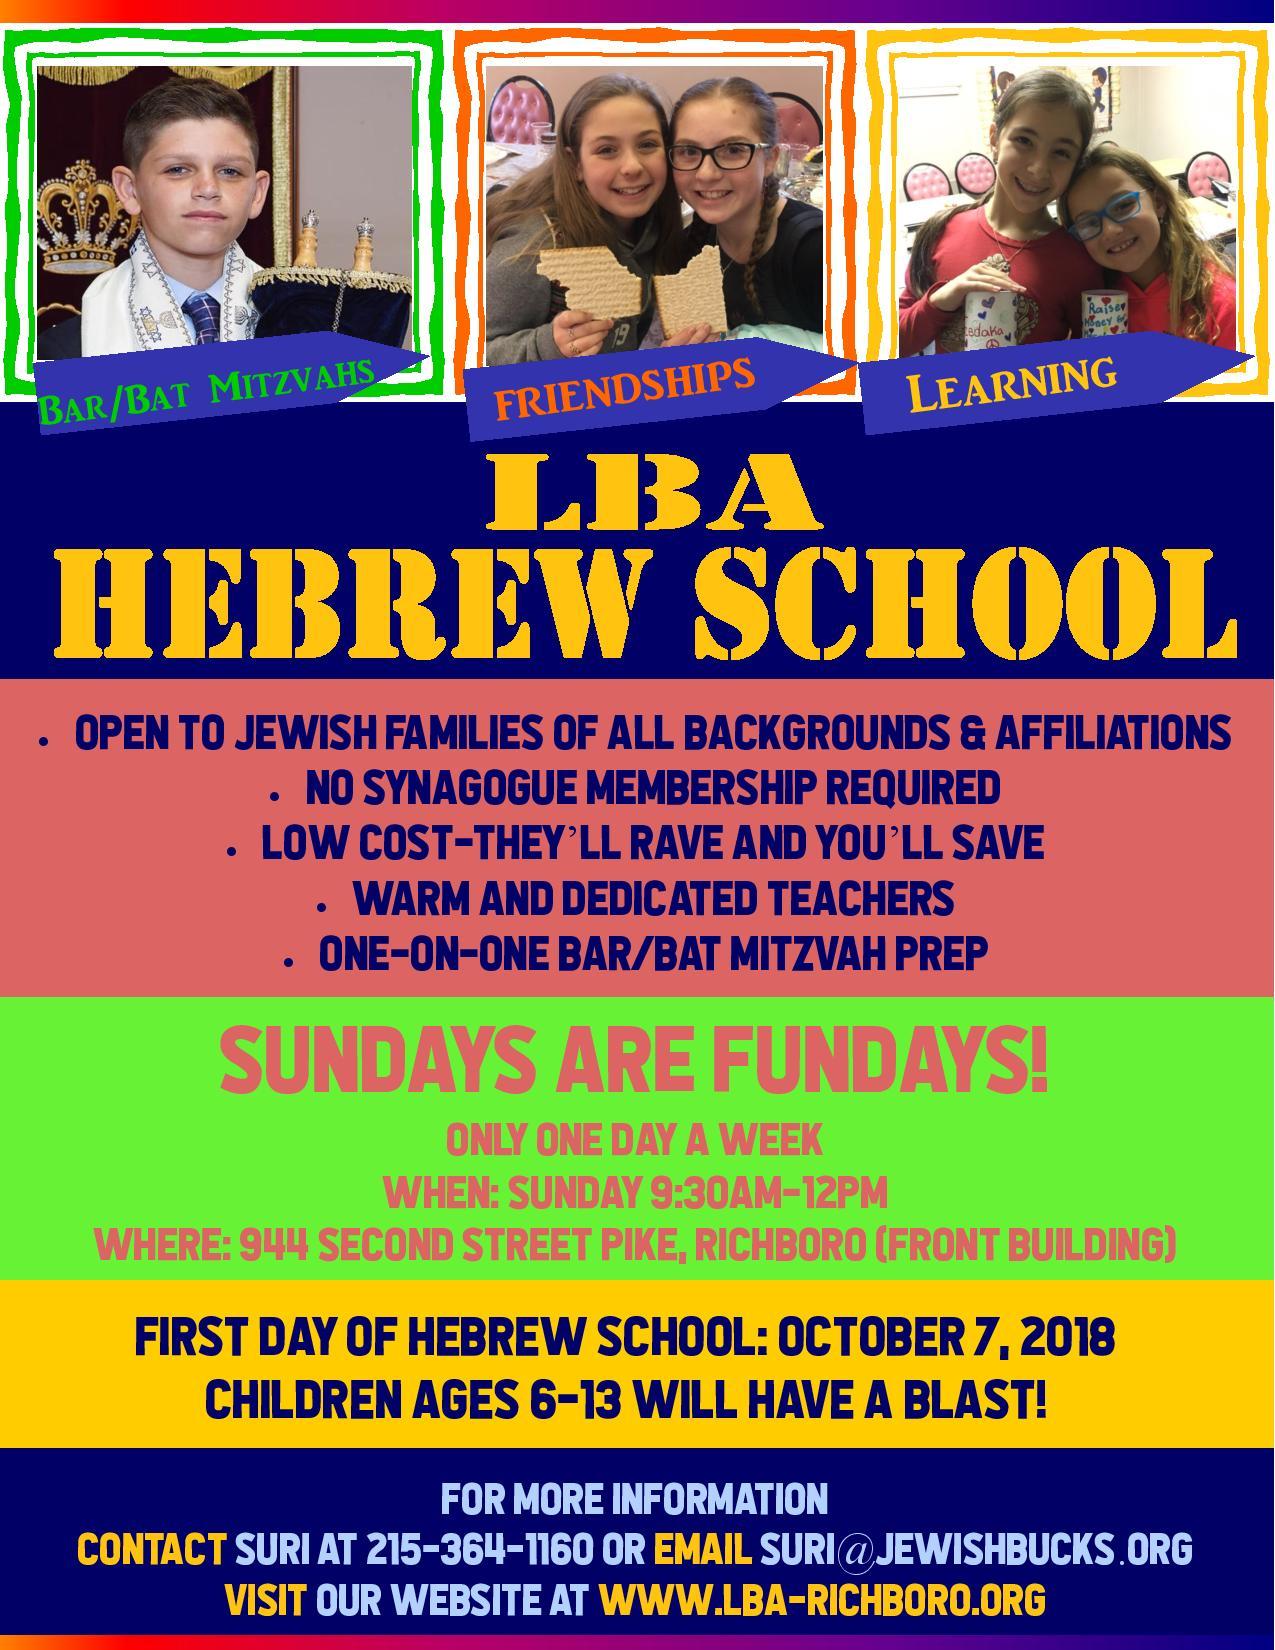 lba hebrew school flyer 9-page-001.jpg